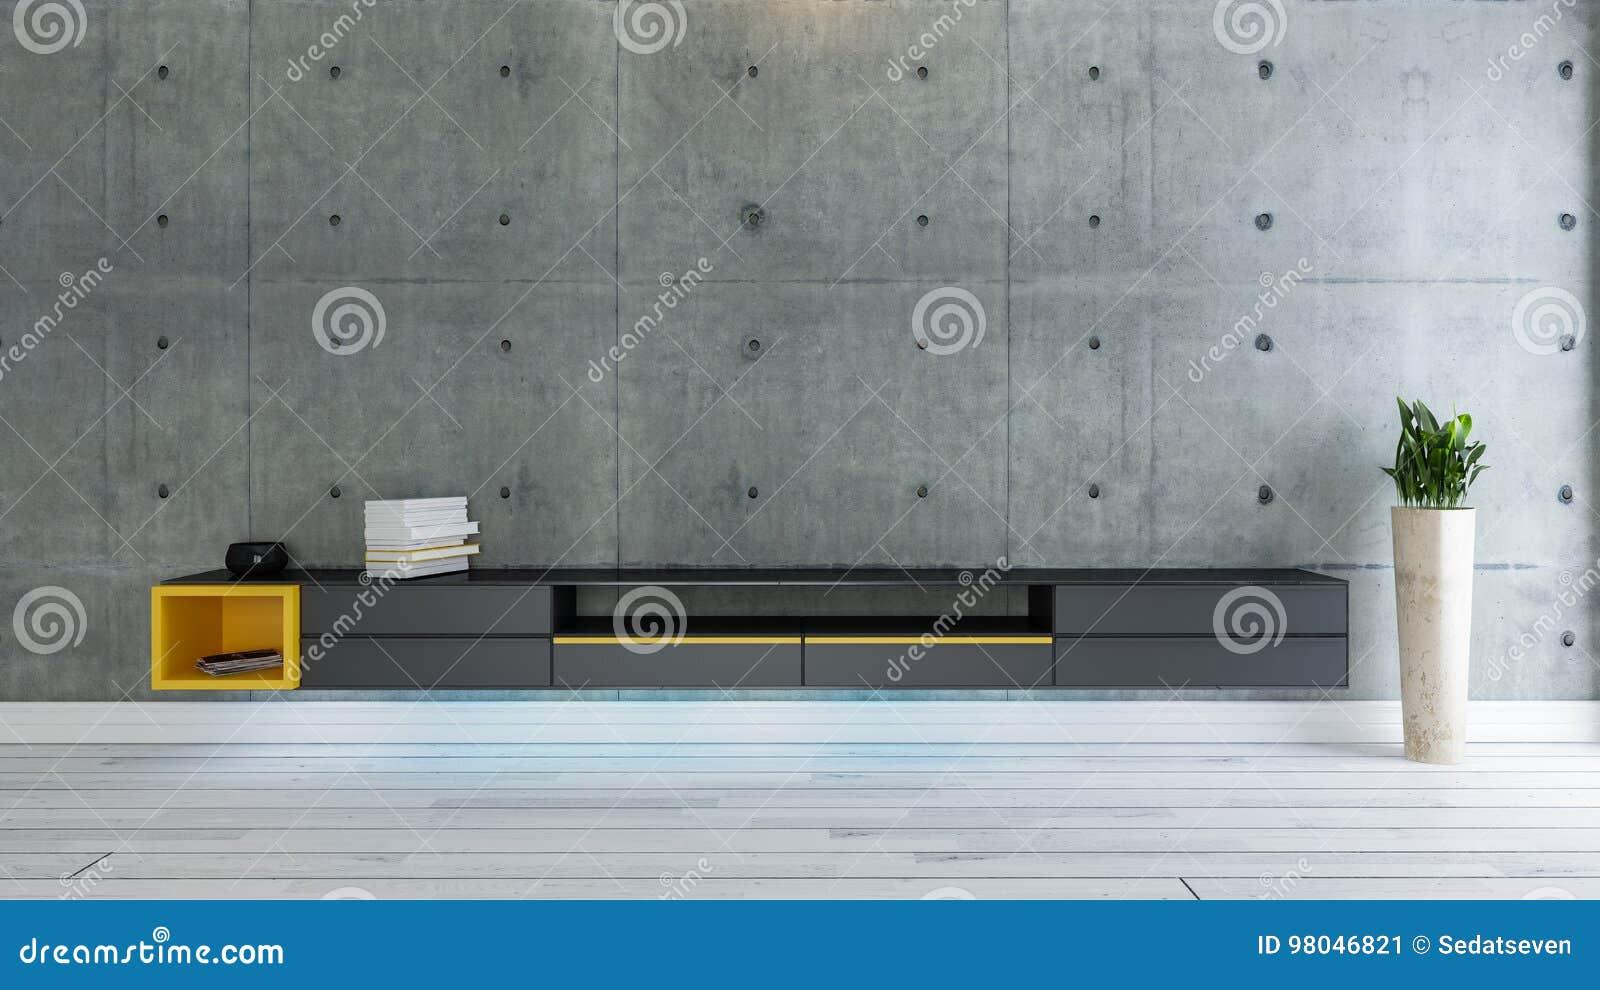 Tv idee van het ruimte het binnenlandse ontwerp met concrete muur